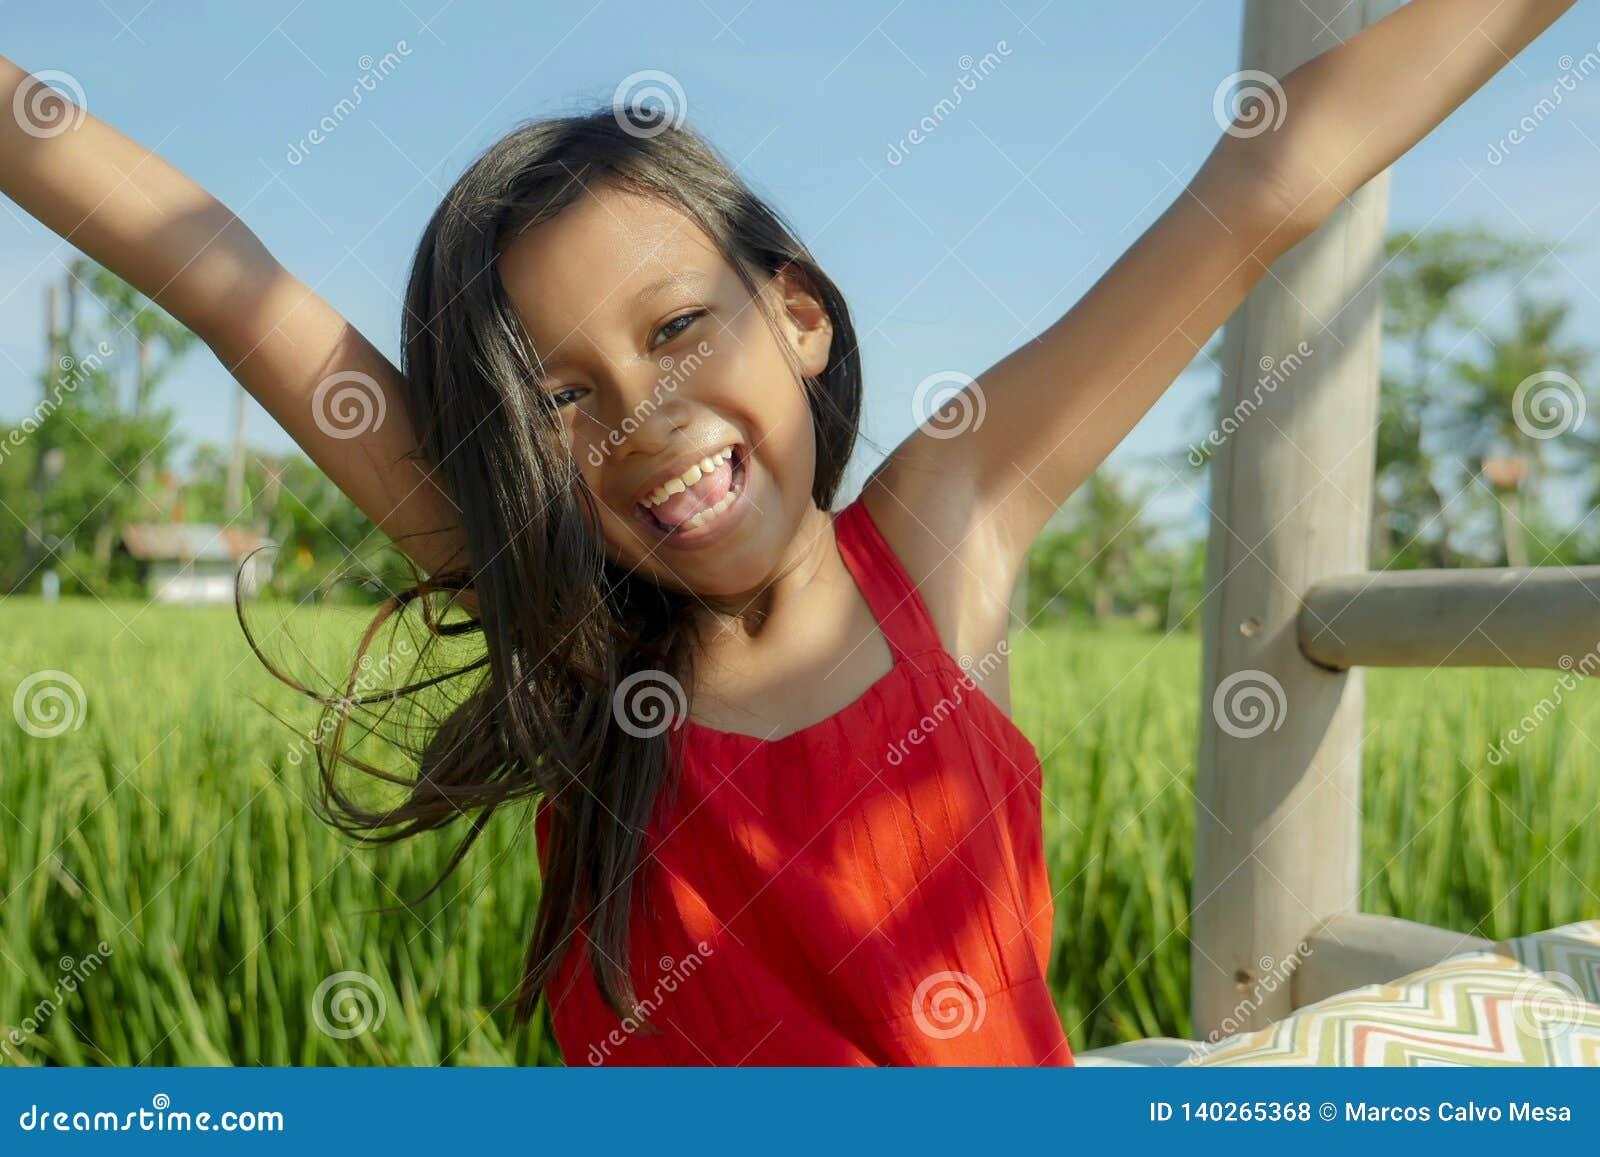 In openlucht kleedde het levensstijlportret zich van het mooie en zoete jonge meisje gelukkig en vrolijk glimlachen, het opgewekt